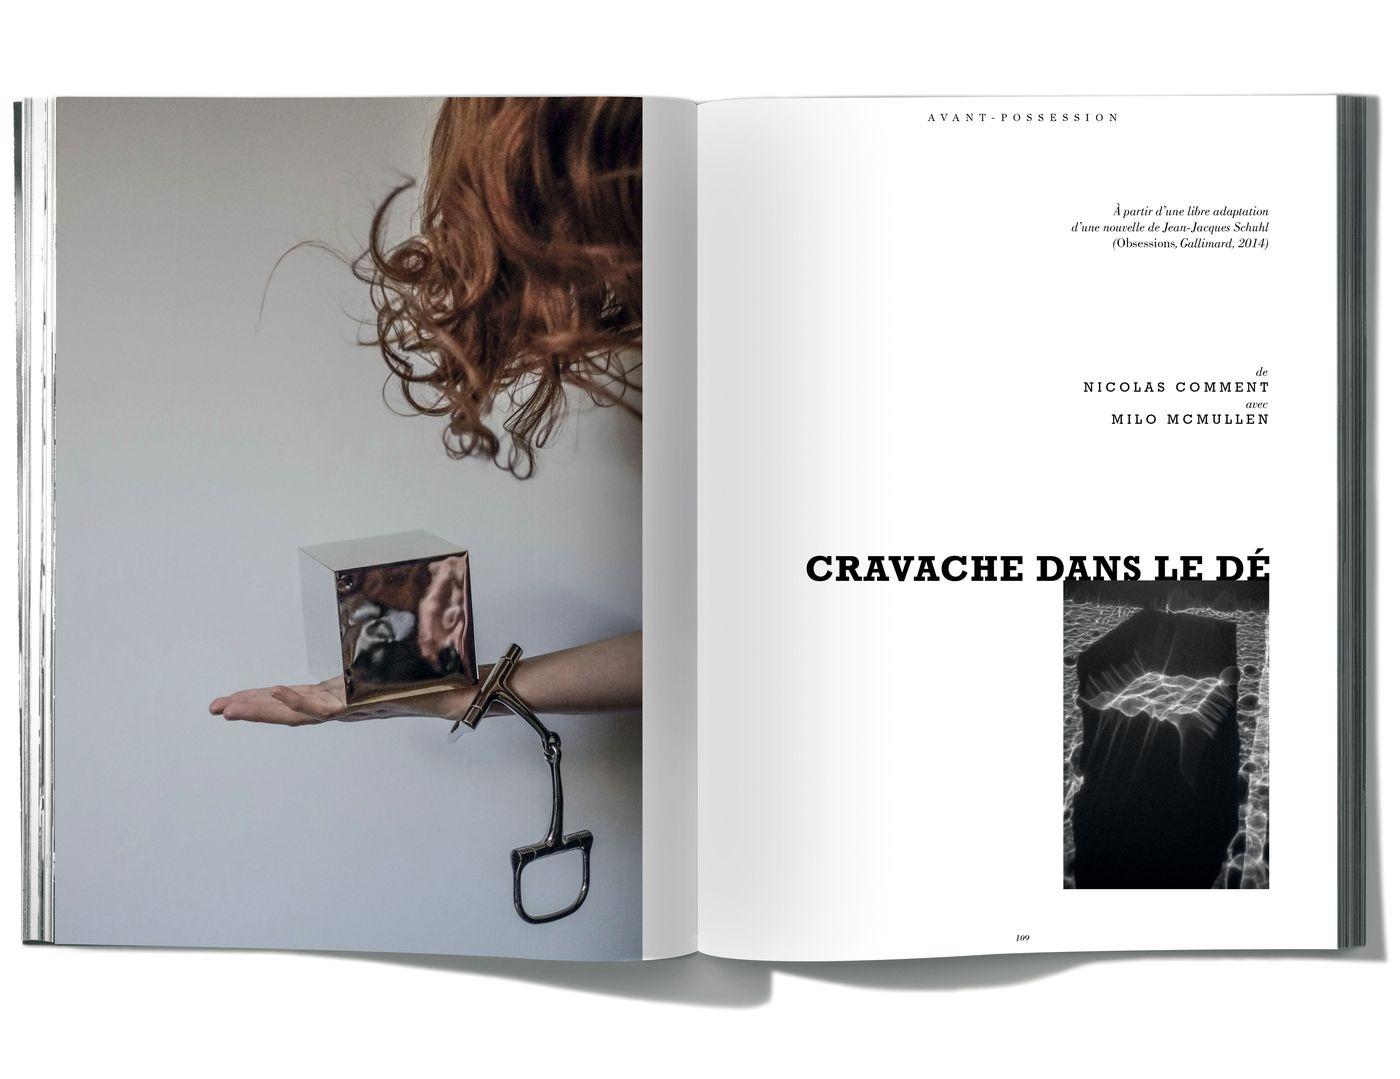 Photographies de Nicolas Comment, Cravache dans le dé